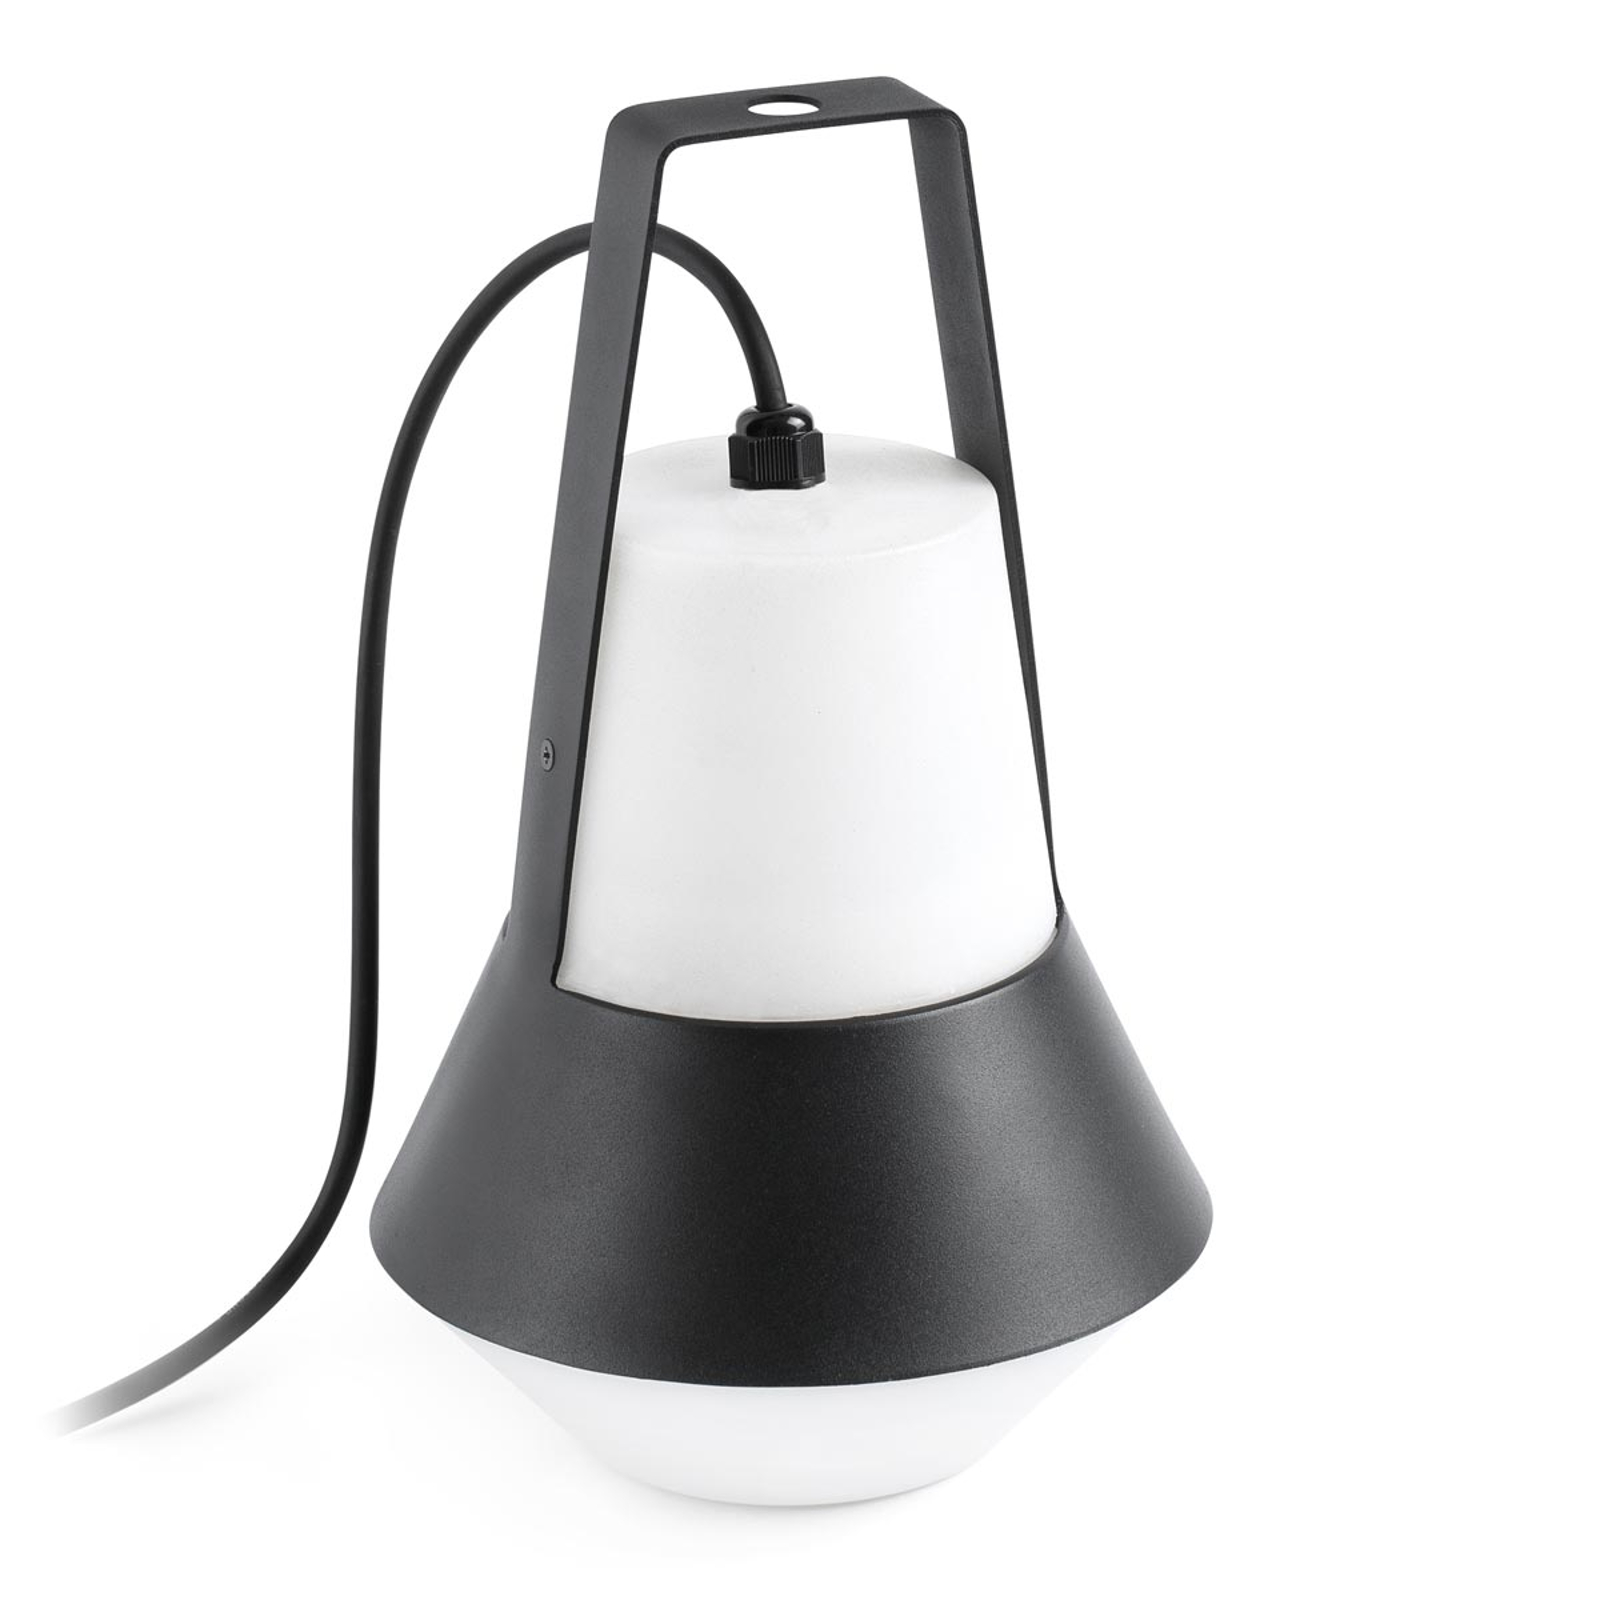 Luminaire d'extérieur stylé Cat - portable